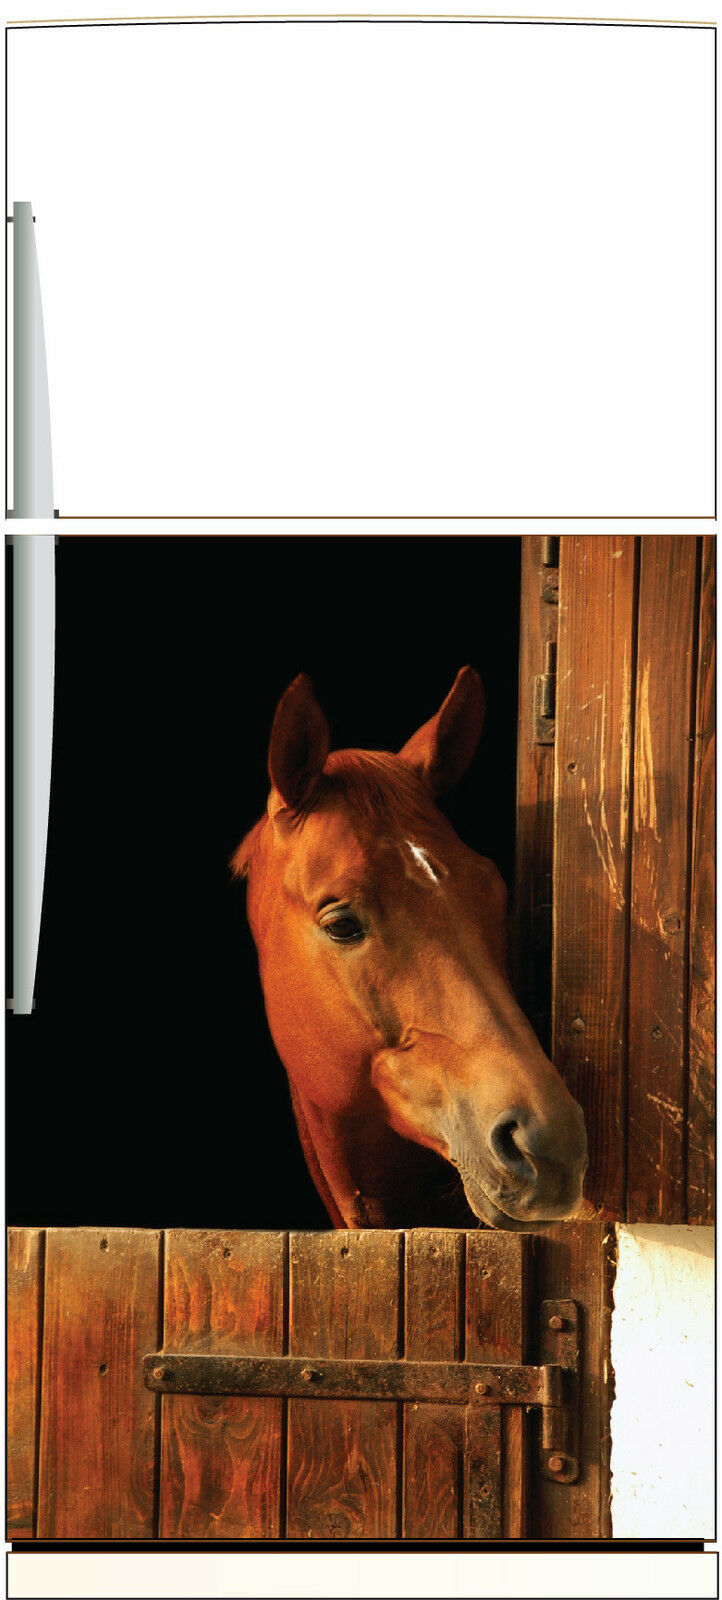 Adesivo frigo elettrodomestici decocrazione cucina Cavallo 60x90cm Ref 1384